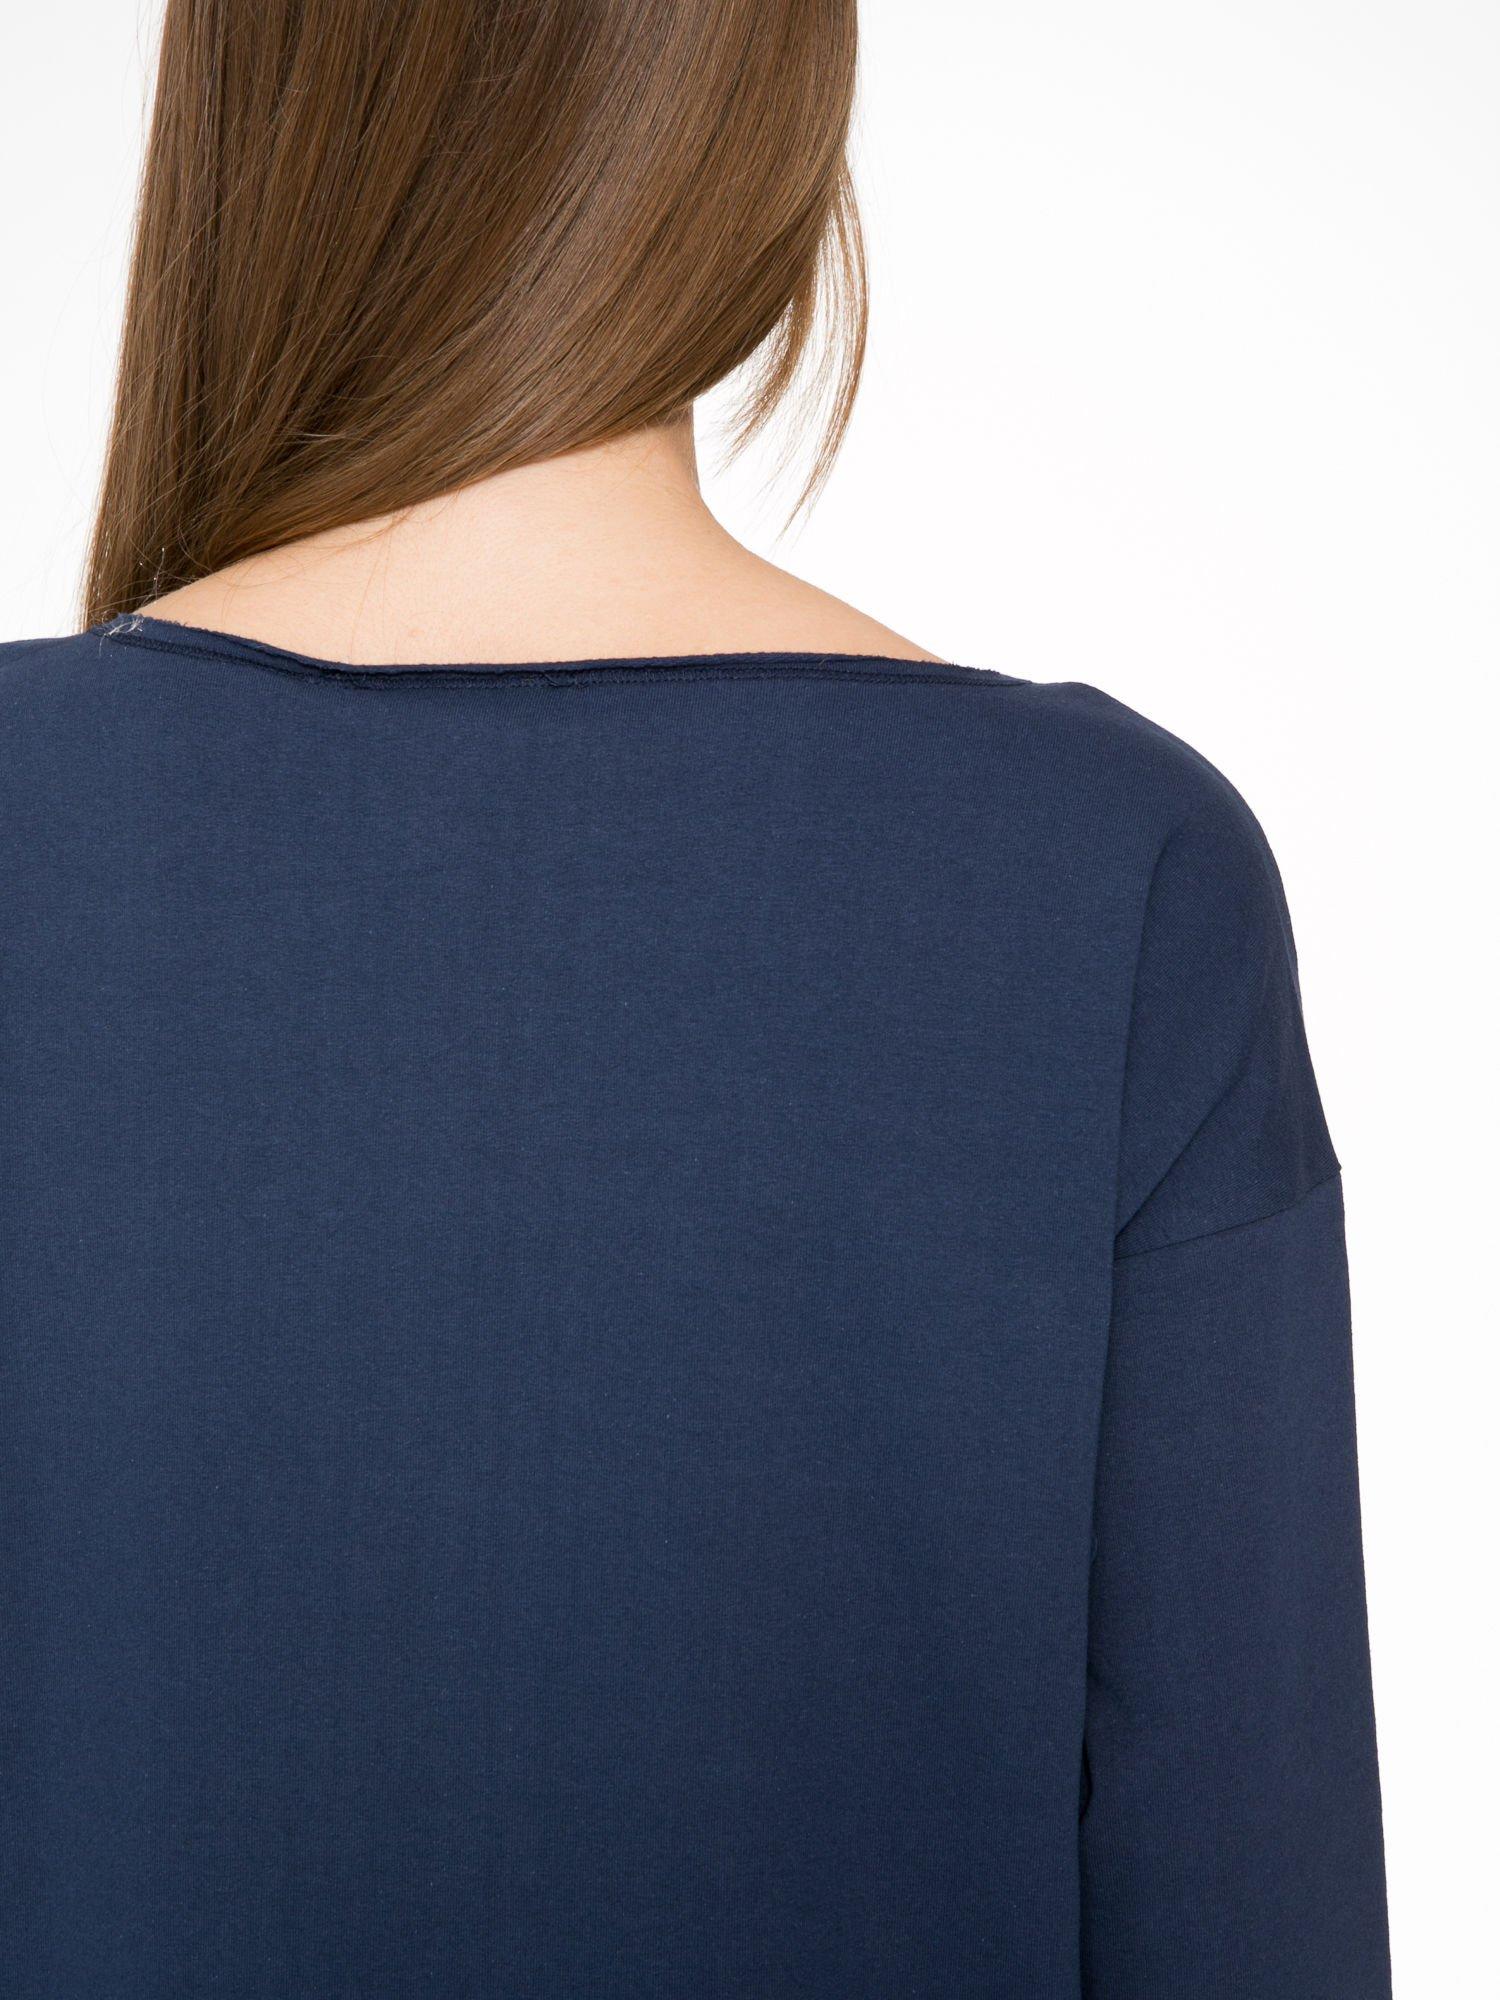 Granatowa sukienka oversize z surowym wykończeniem                                  zdj.                                  8